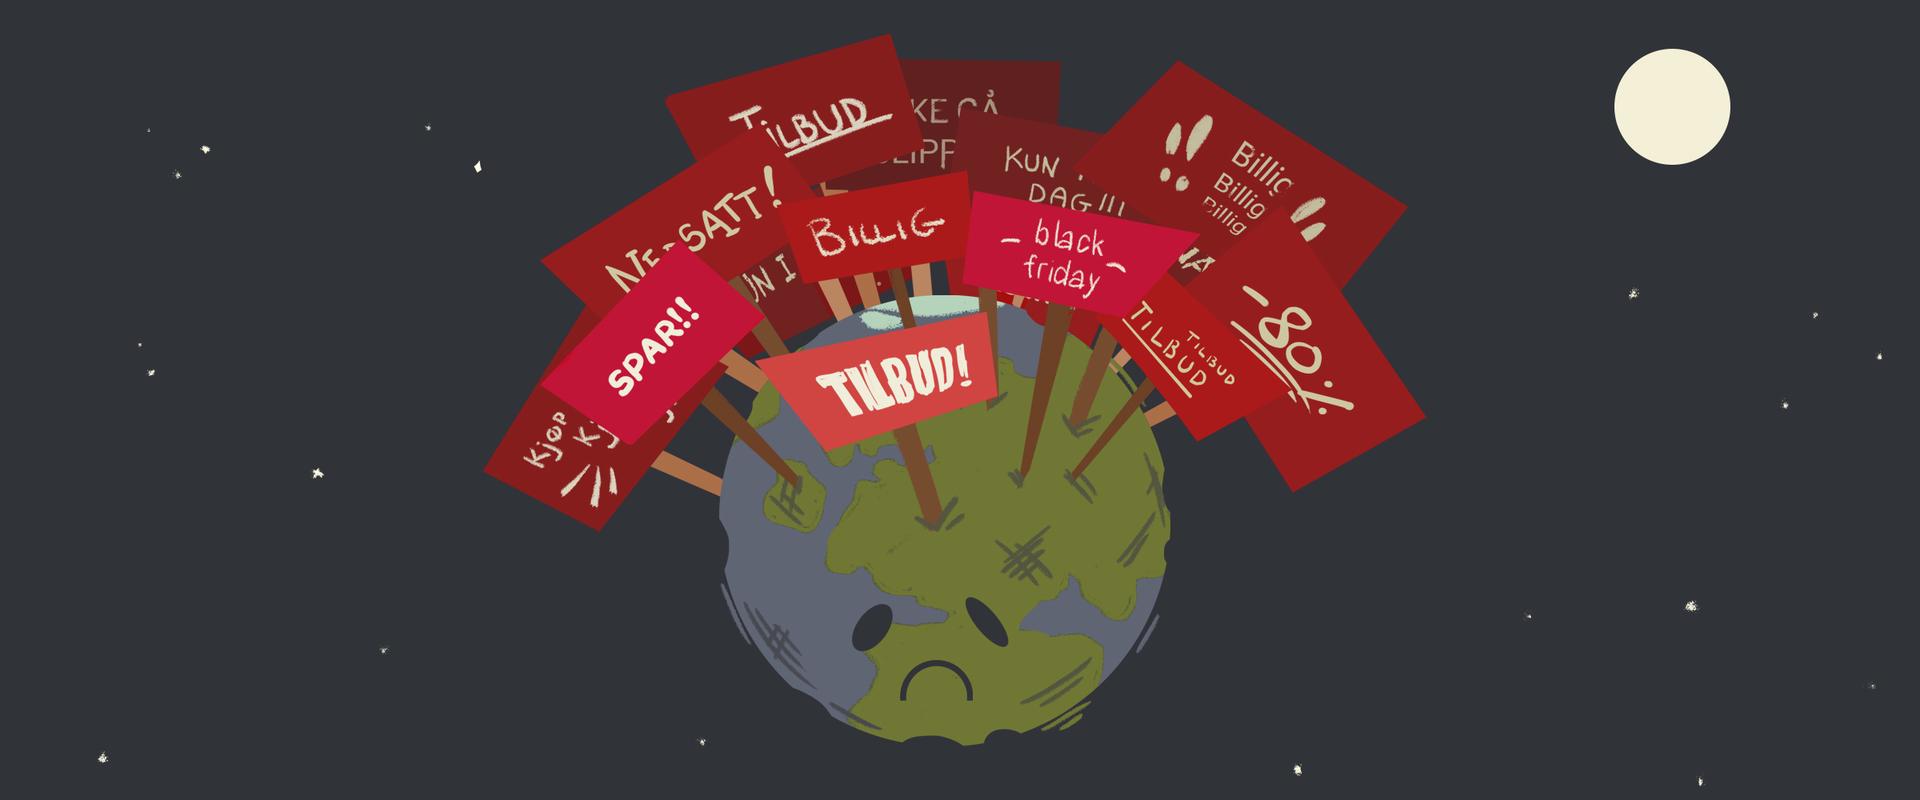 Illustrasjon av jordklode og overforbruk